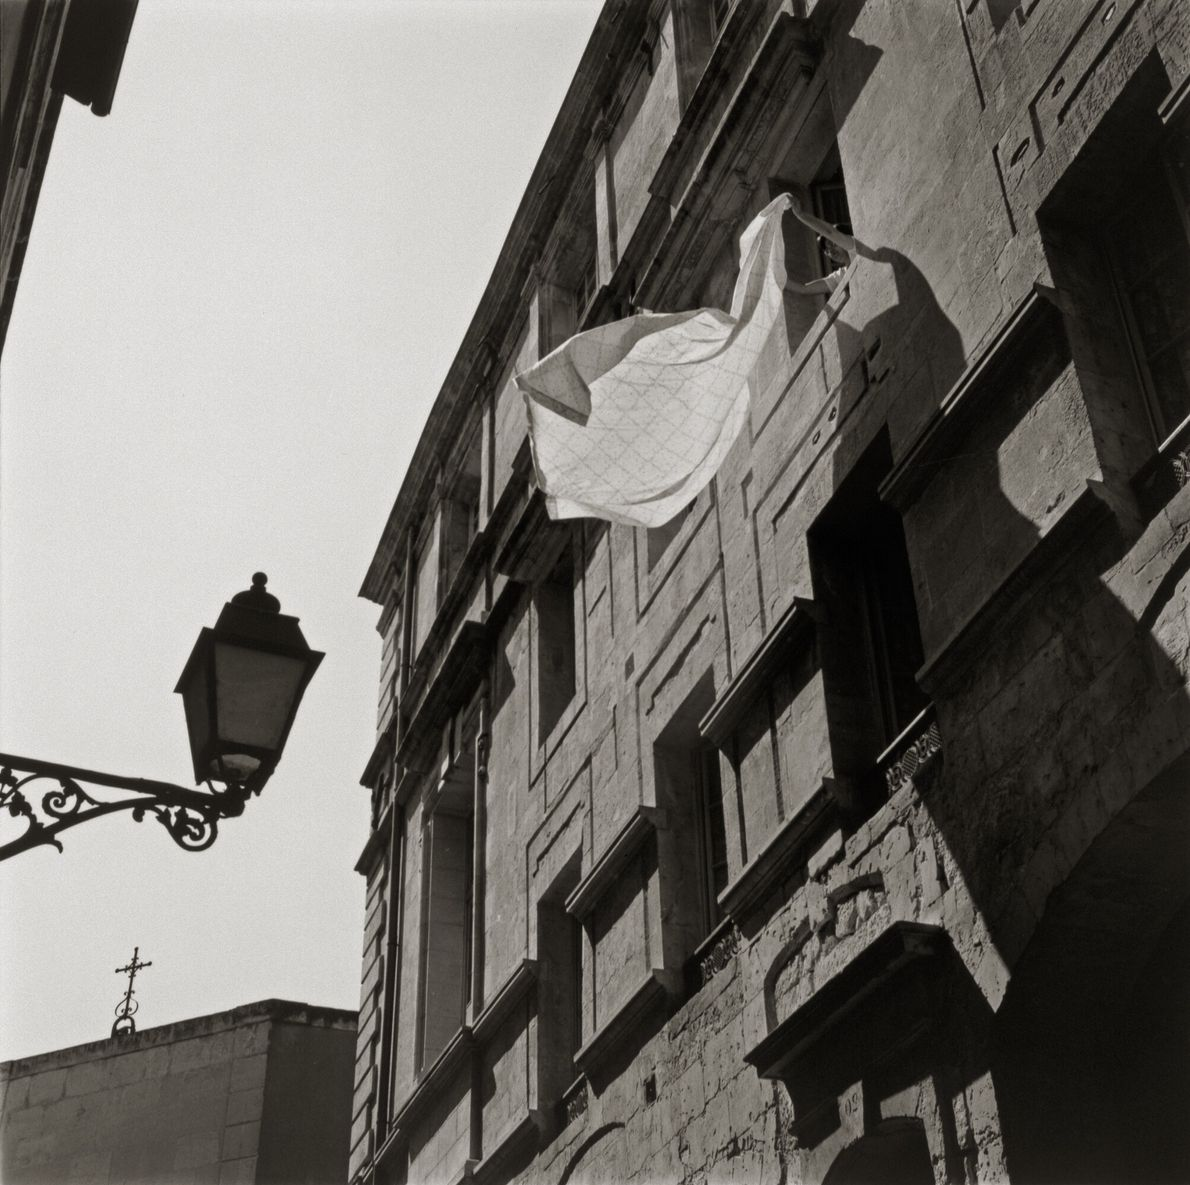 Imagen de una persona sacudiendo una sábana por la ventana en Arles, Francia